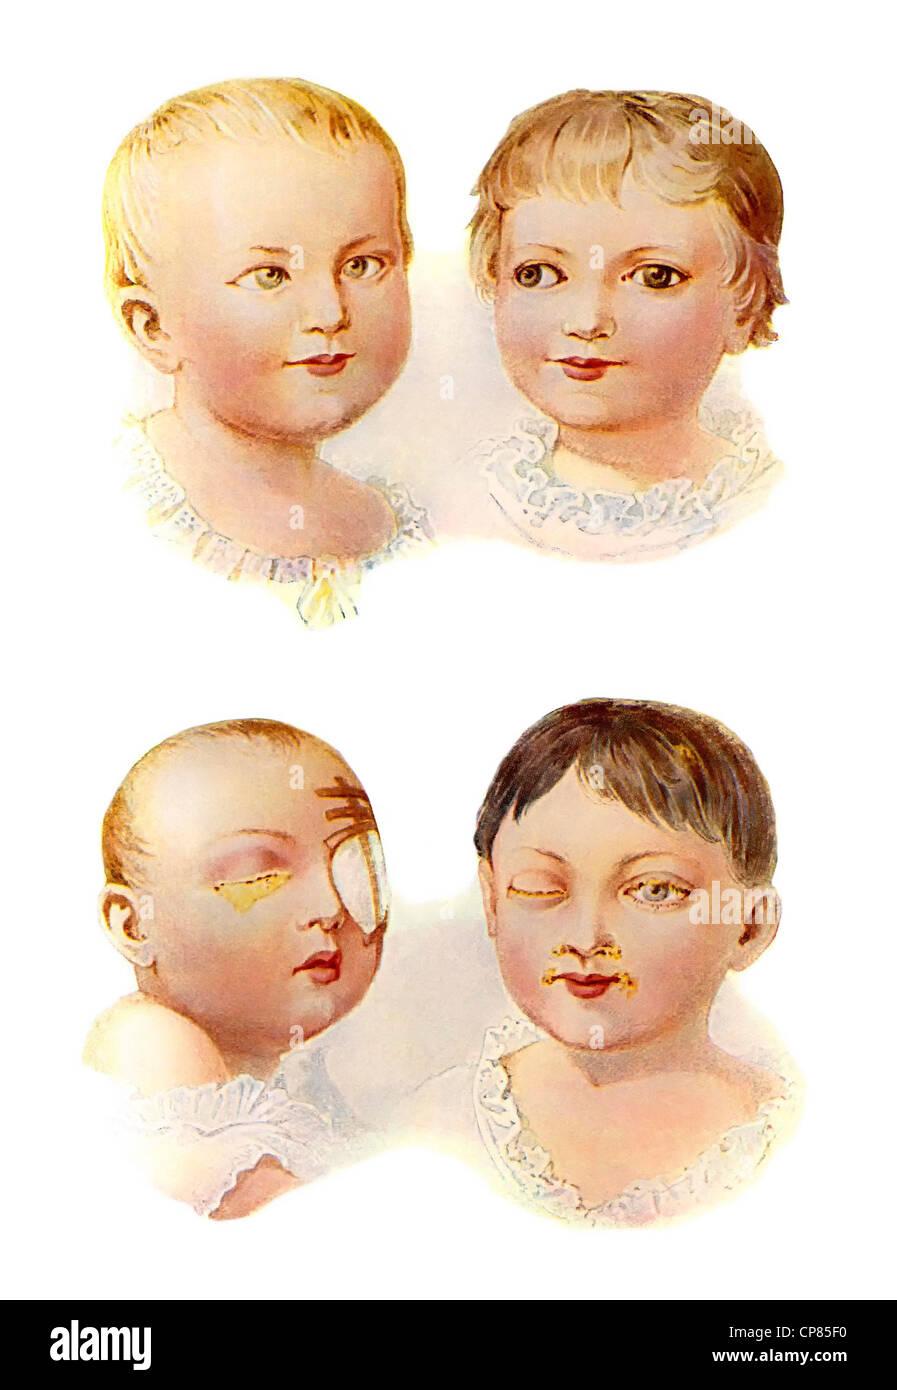 Des images d'un livre médical, les maladies des yeux des enfants, Darstellungen aus einem Buch im im Kindesalter, Photo Stock